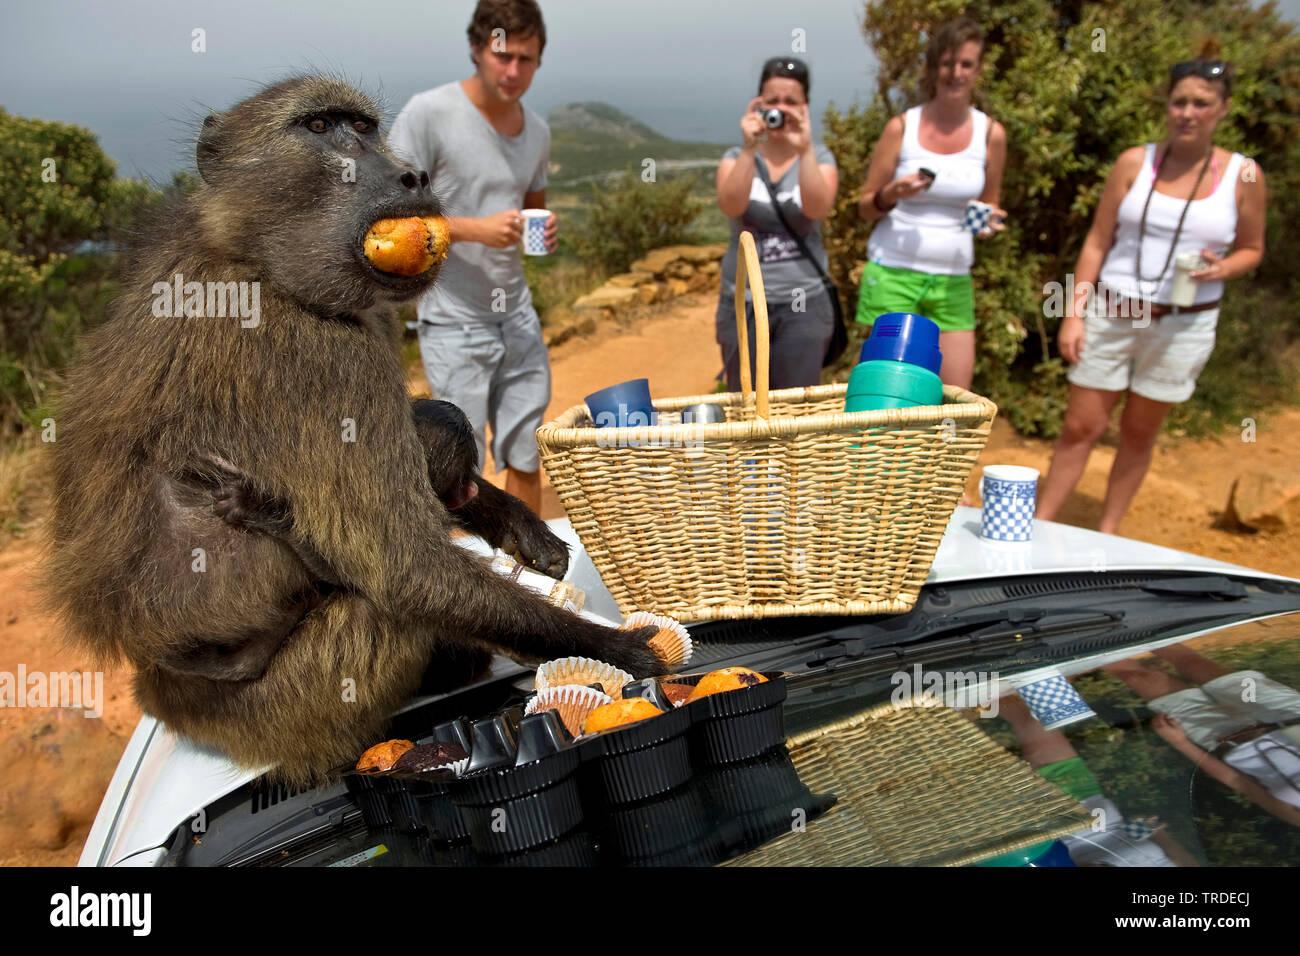 Chacma Baboon, anubius babuino, olive babuinos (Papio ursinus, Papio ursinus cynocephalus), sorprendiendo a los turistas en un picnic y comer molletes, Sudáfrica, Cabo Occidental, Cabo de Buena Esperanza, el Parque Nacional de Cape Town Imagen De Stock